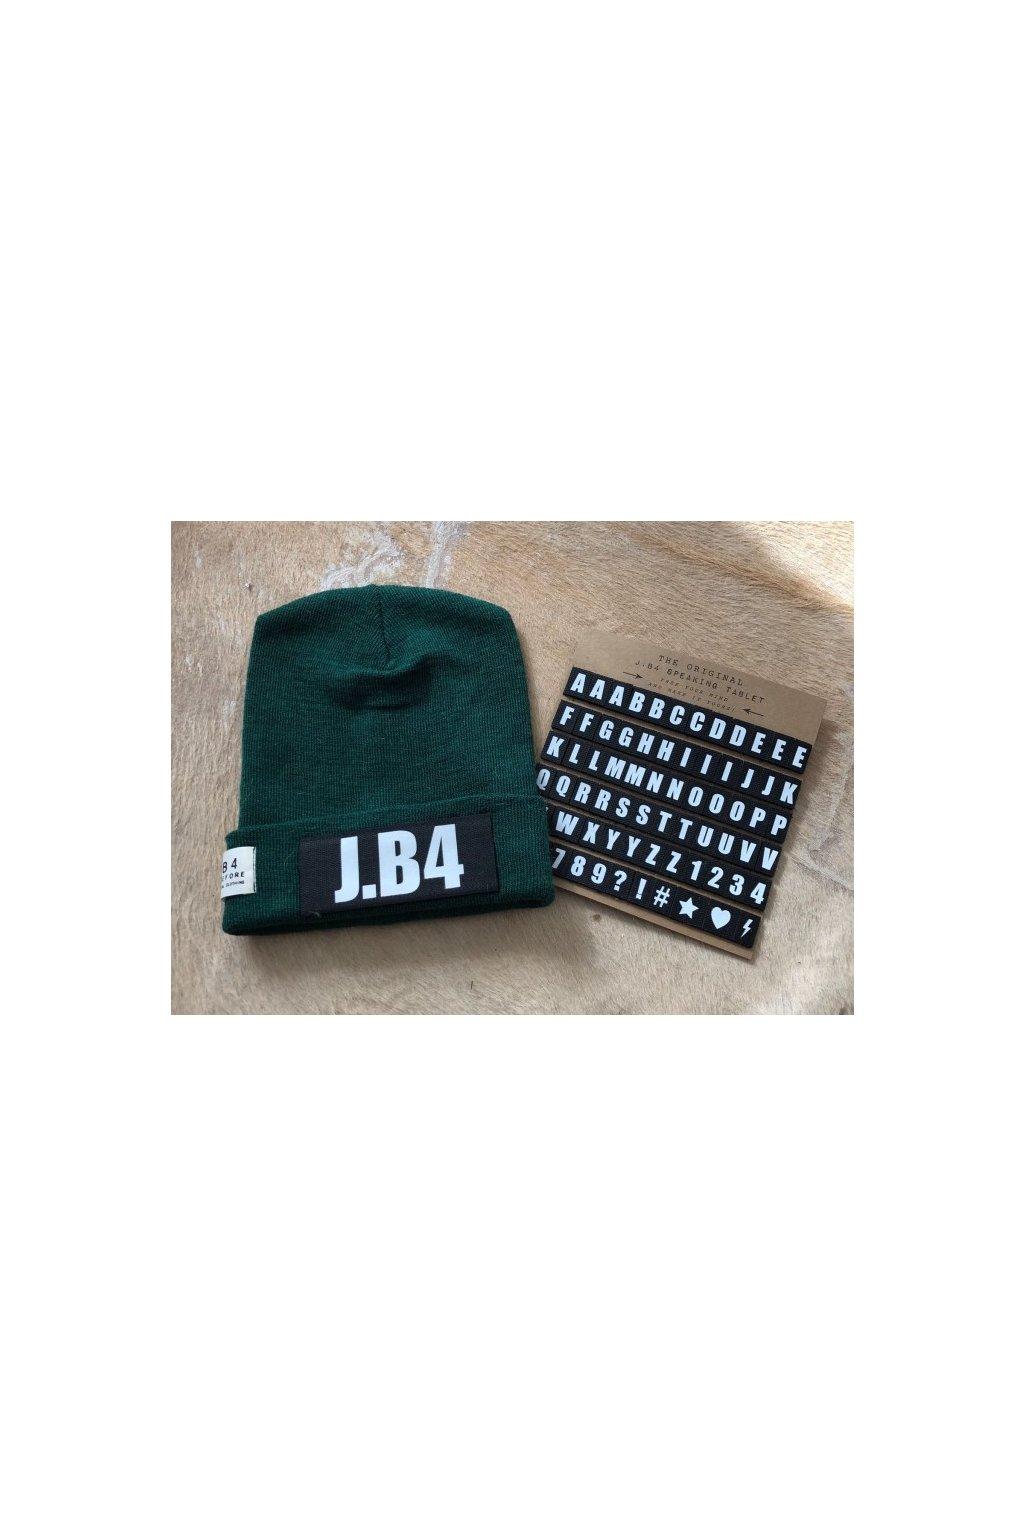 Čepice J.B4 - personalizovaná, zelená (Velikost Velikost UNI)